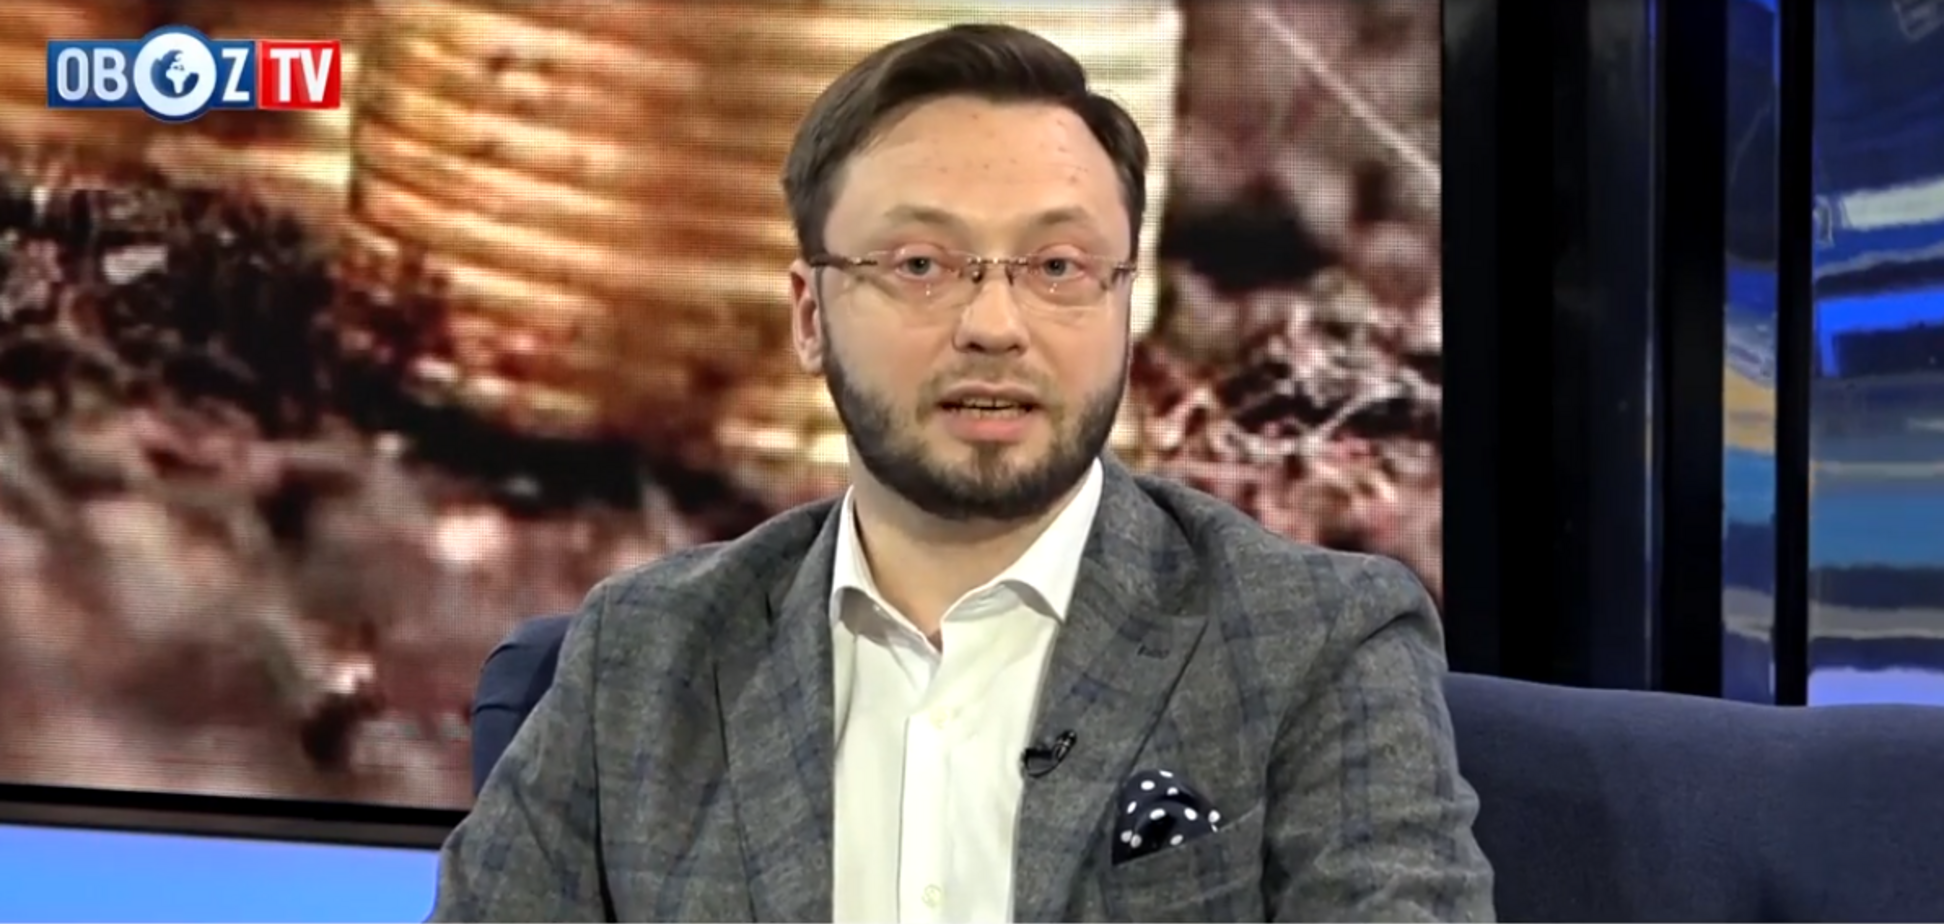 'Запускать нельзя': бизнесмен указал на проблему с рынком земли в Украине